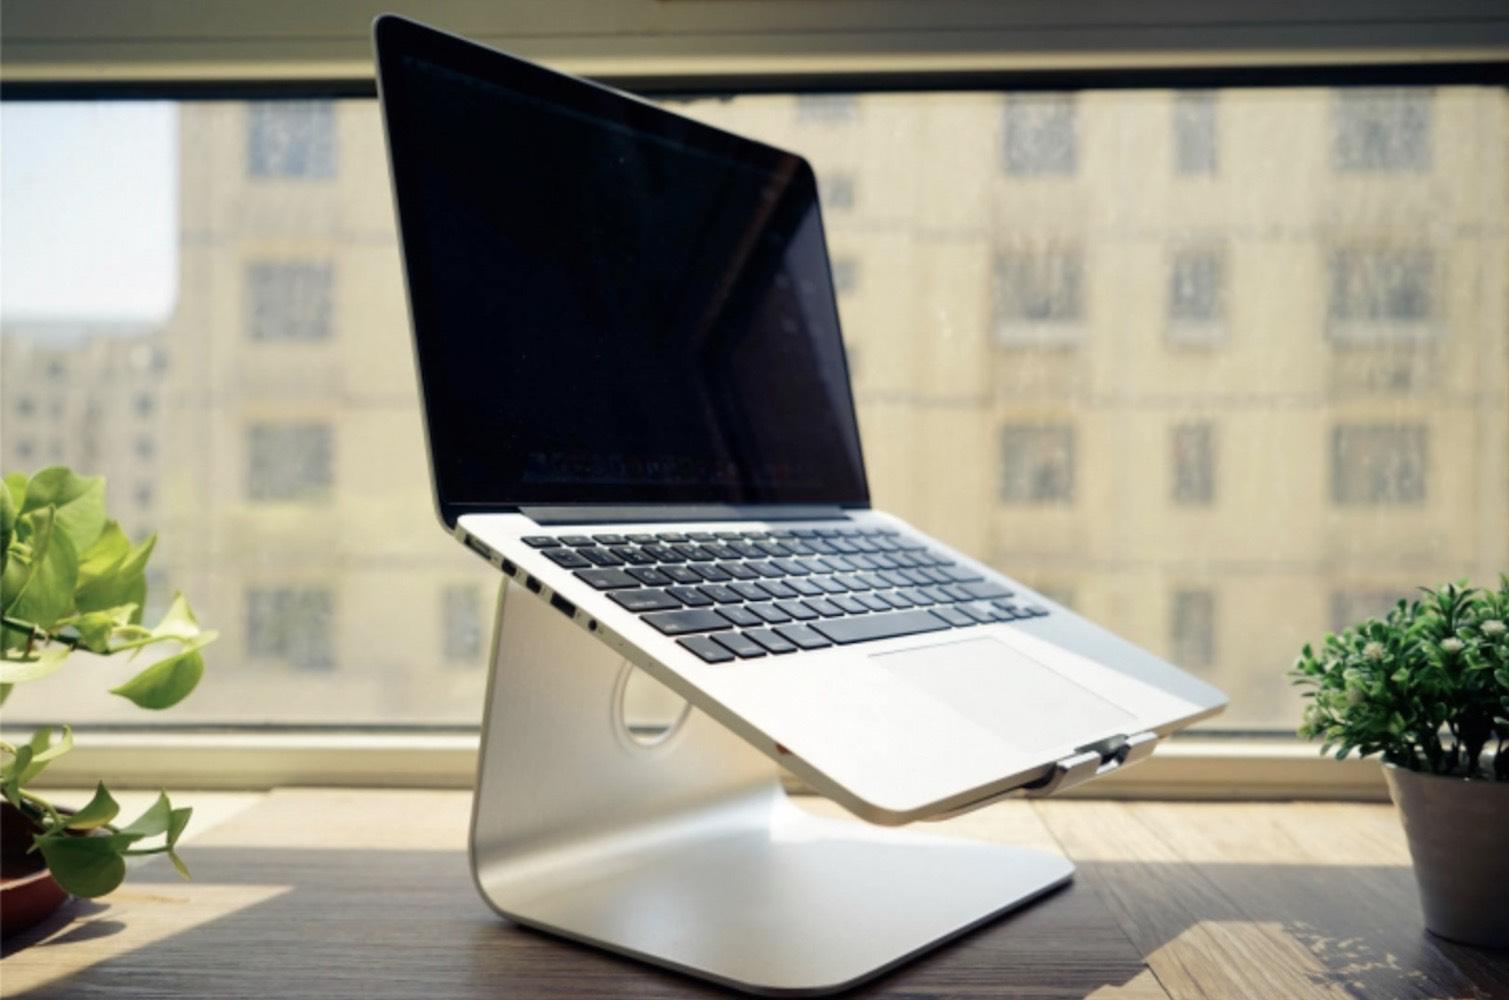 Aluminum Alloy Elevated MacBook Stand